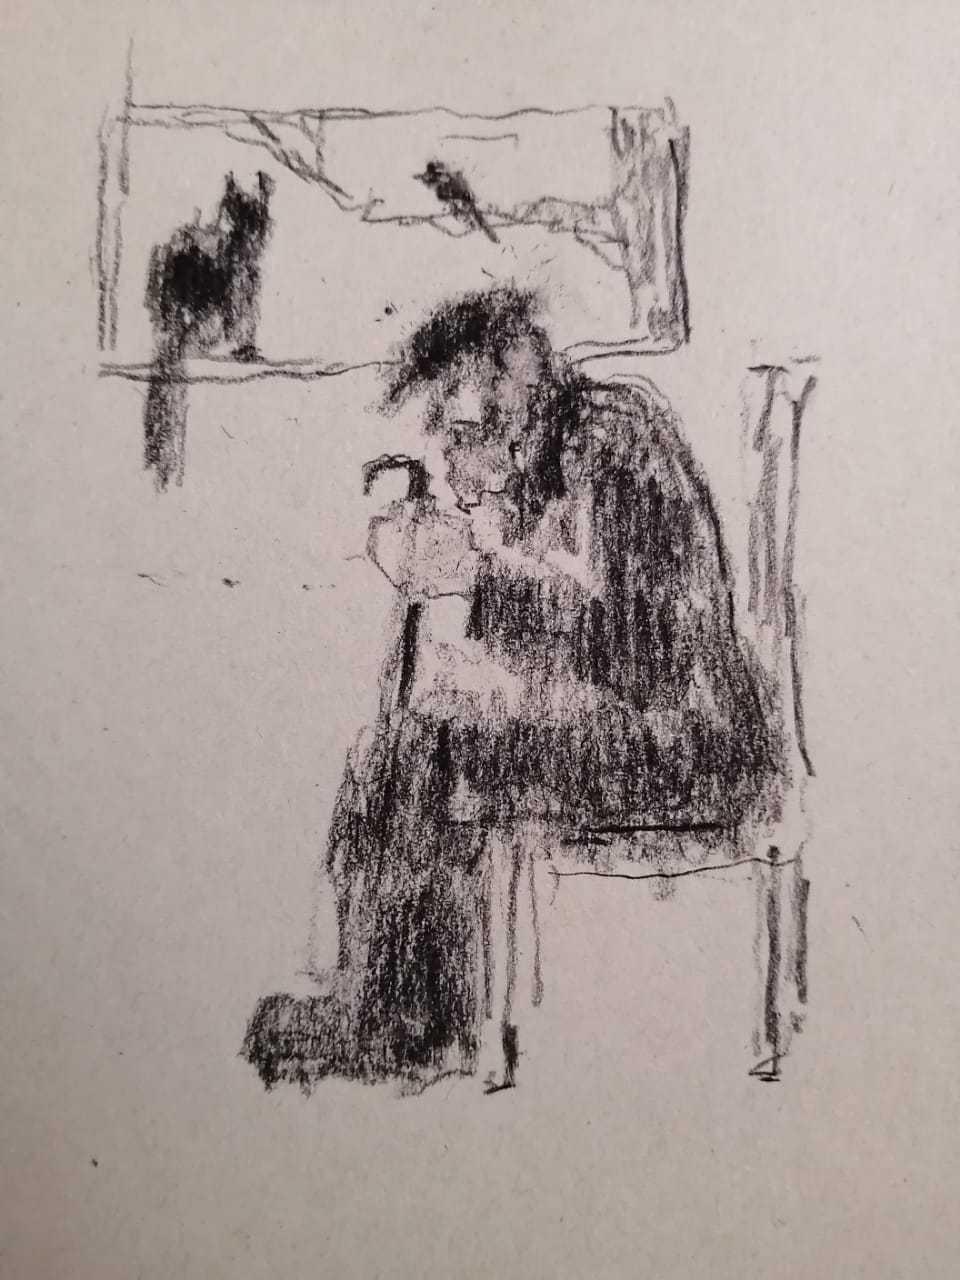 Макарова Ольга / тема «Одиночество» / уголь